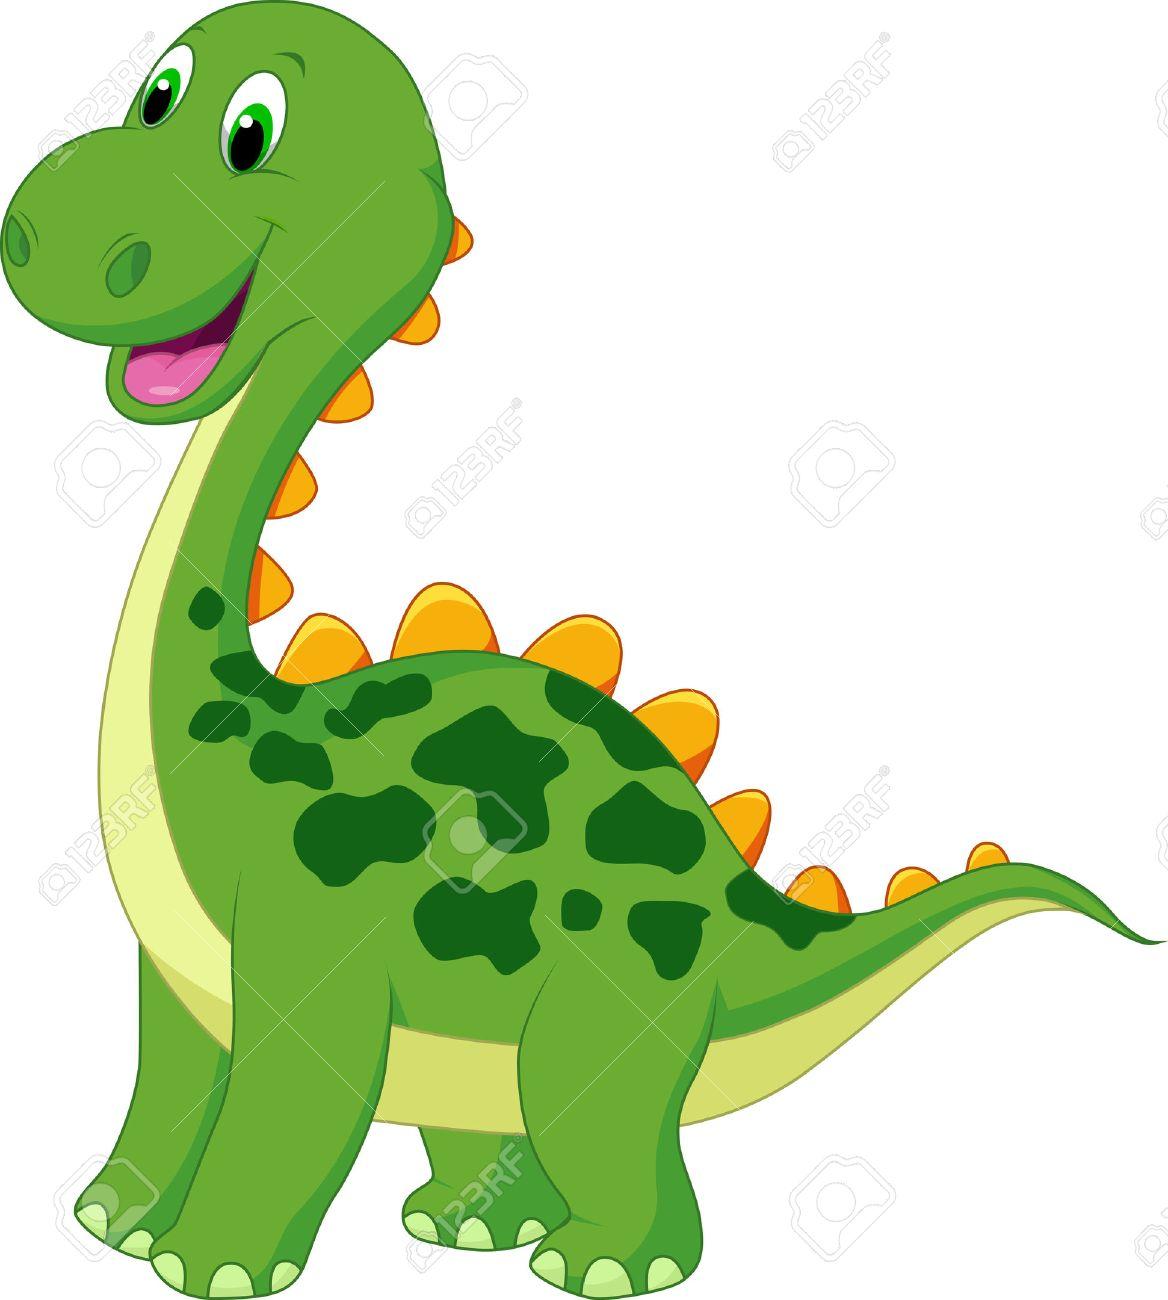 Cute green dinosaur cartoon.